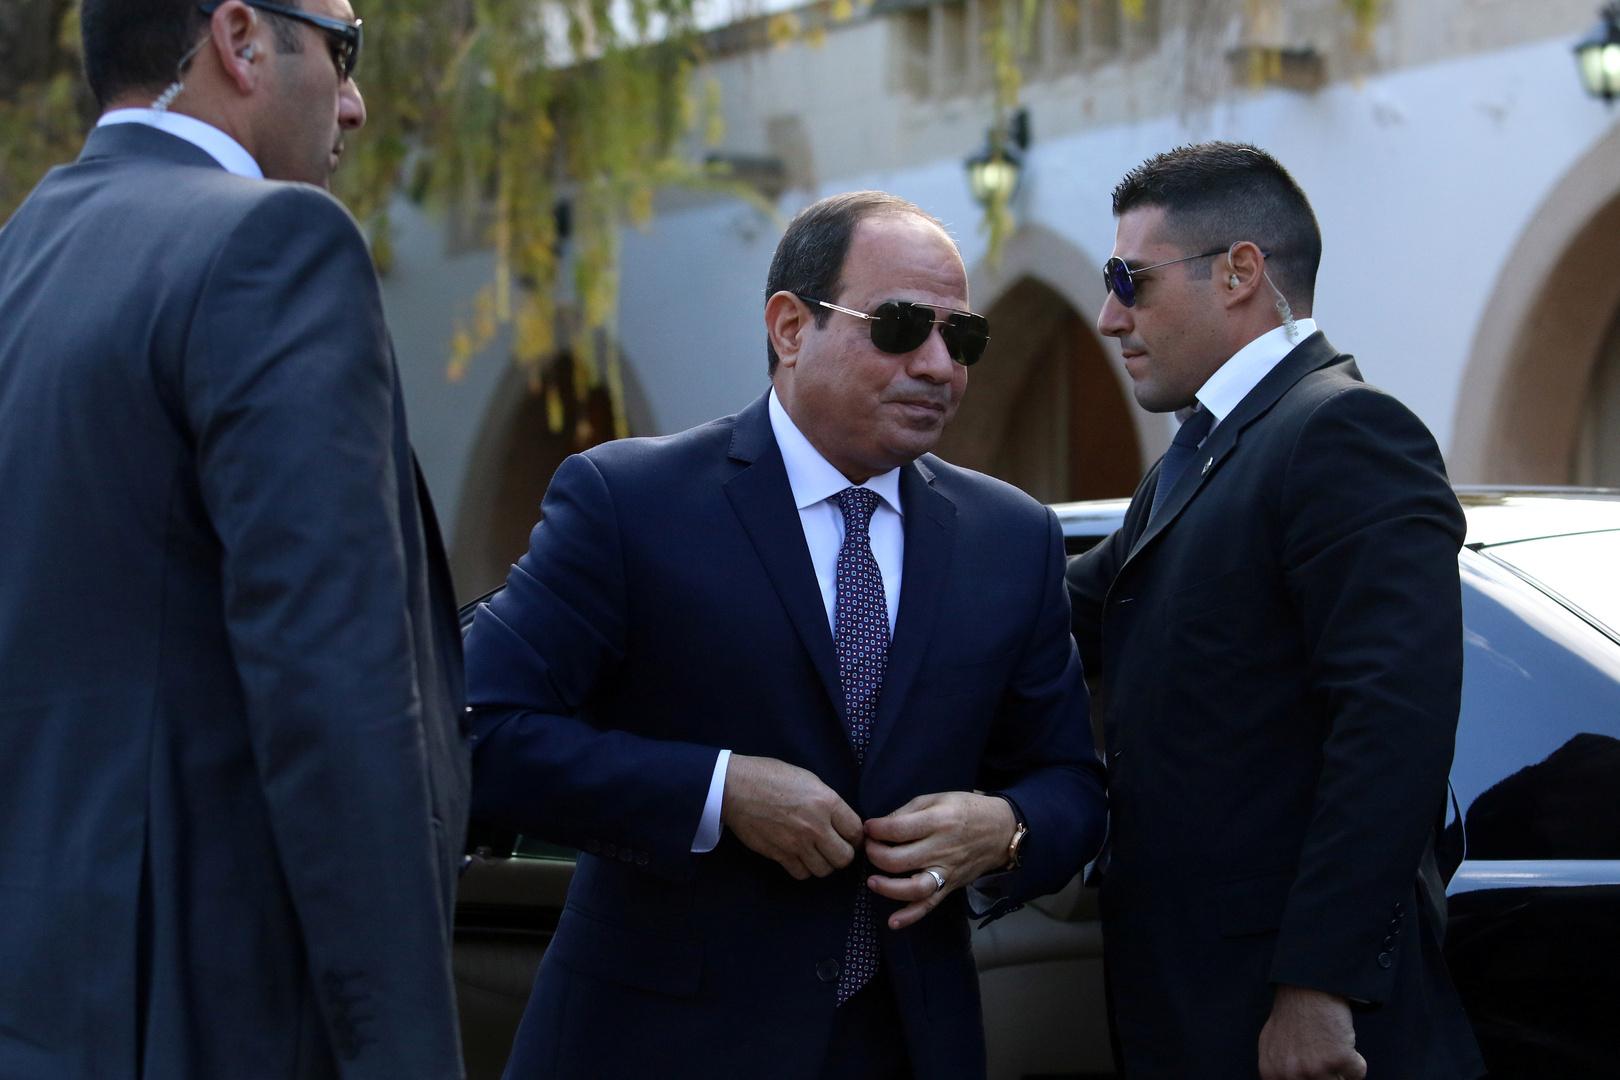 السيسي يبحث الوضع في شرق المتوسط مع رئيس وزراء اليونان